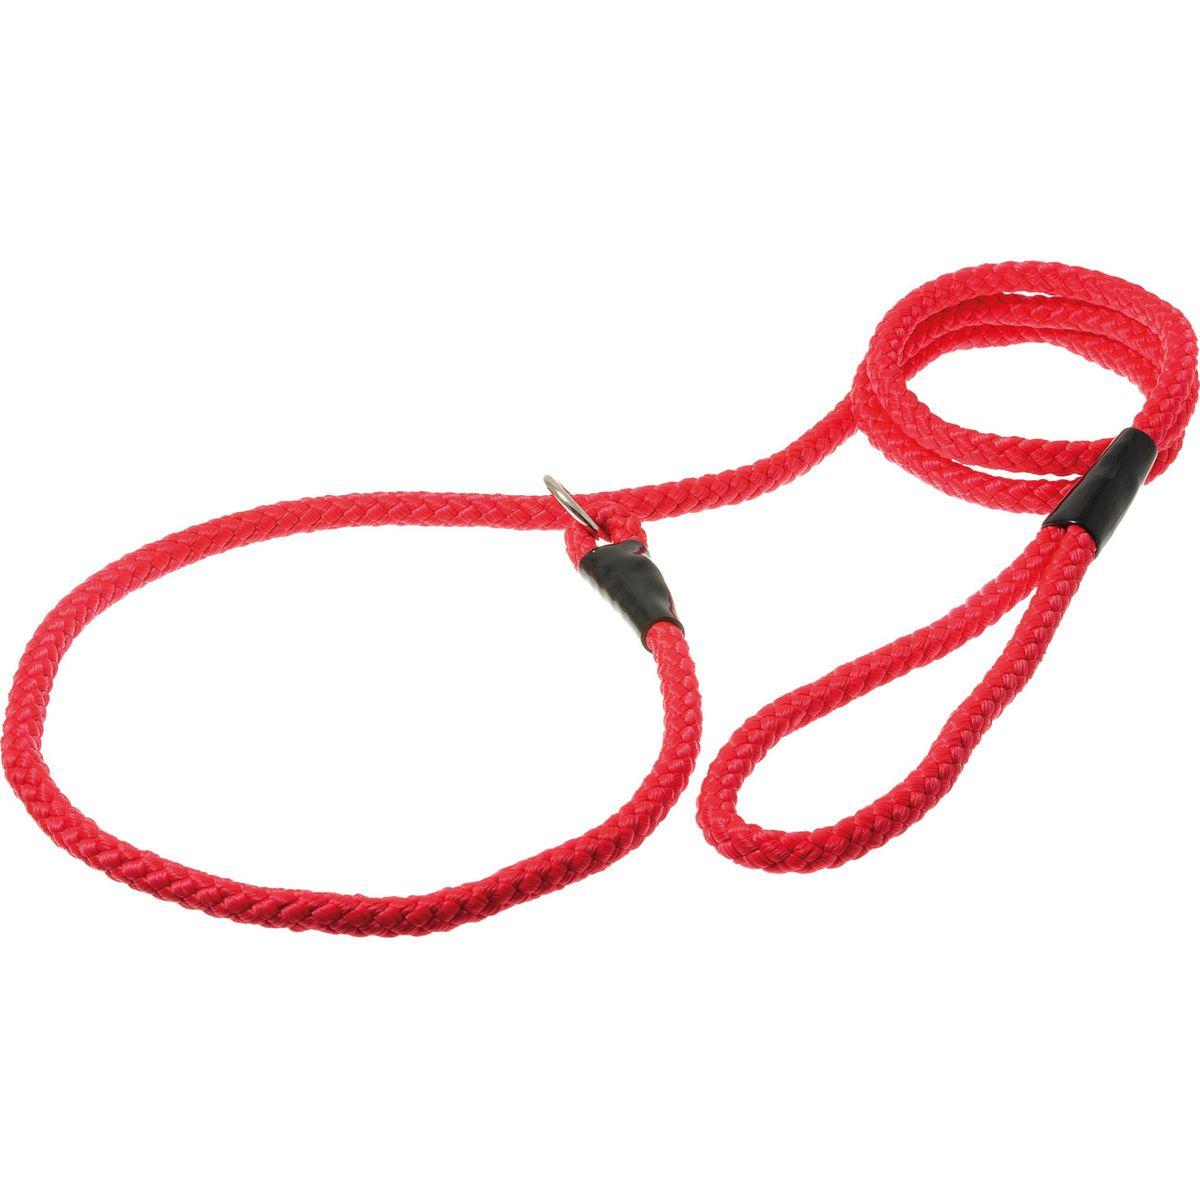 Поводок-удавка с кольцом нейлоновый канат 10мм*170см (красный)PDE1068R